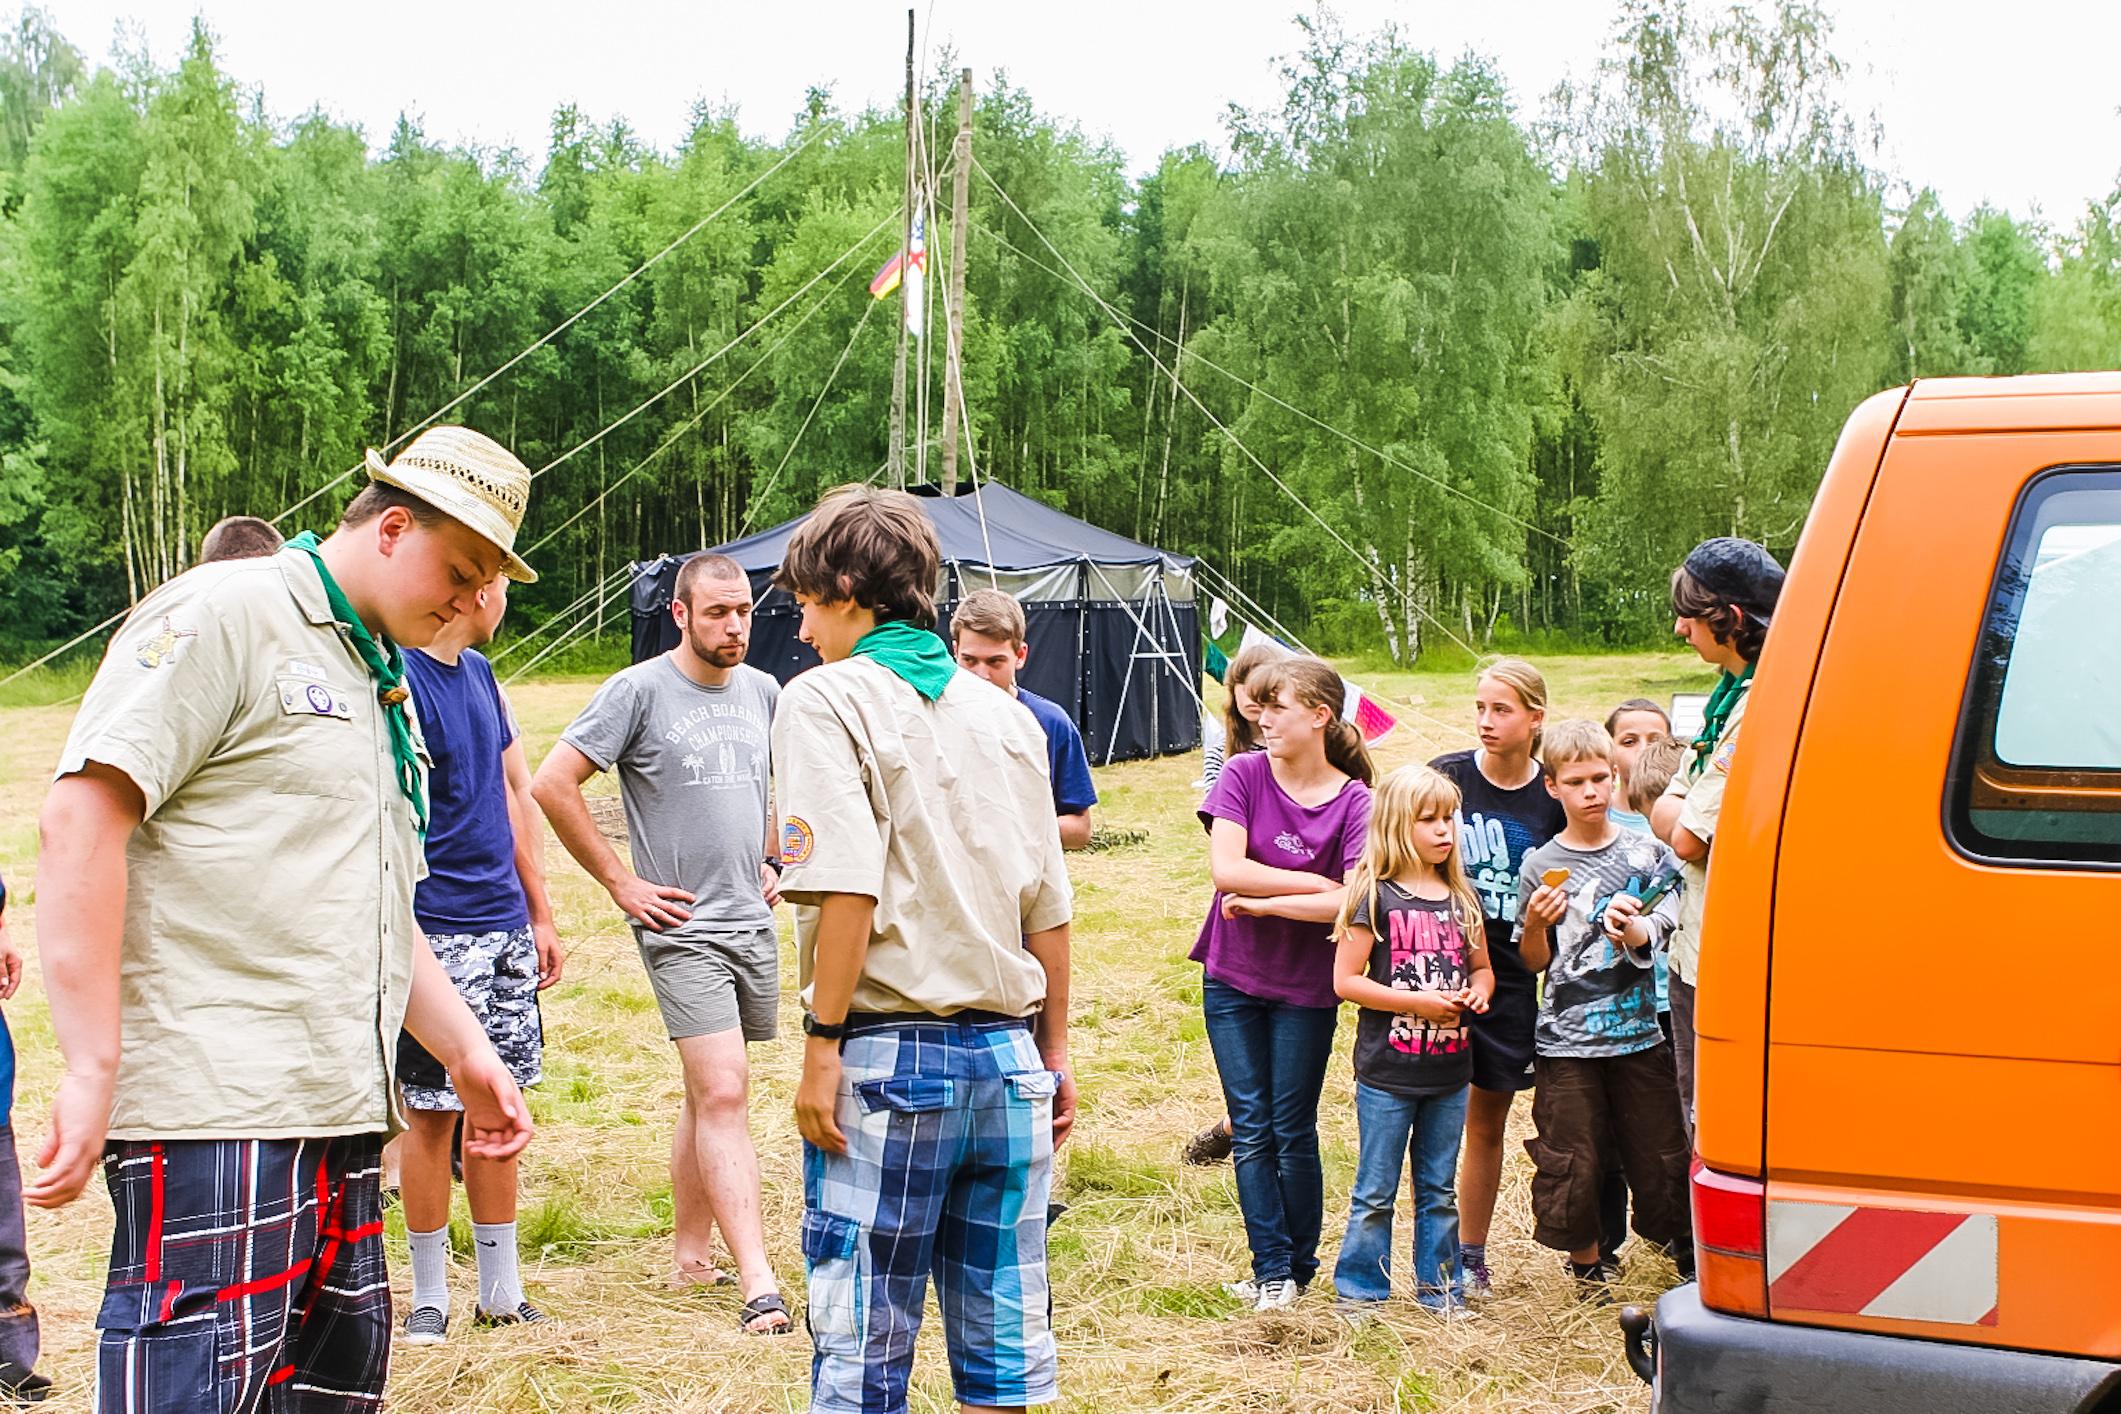 Fotos aus dem Sommerlager in Polen/Masuren